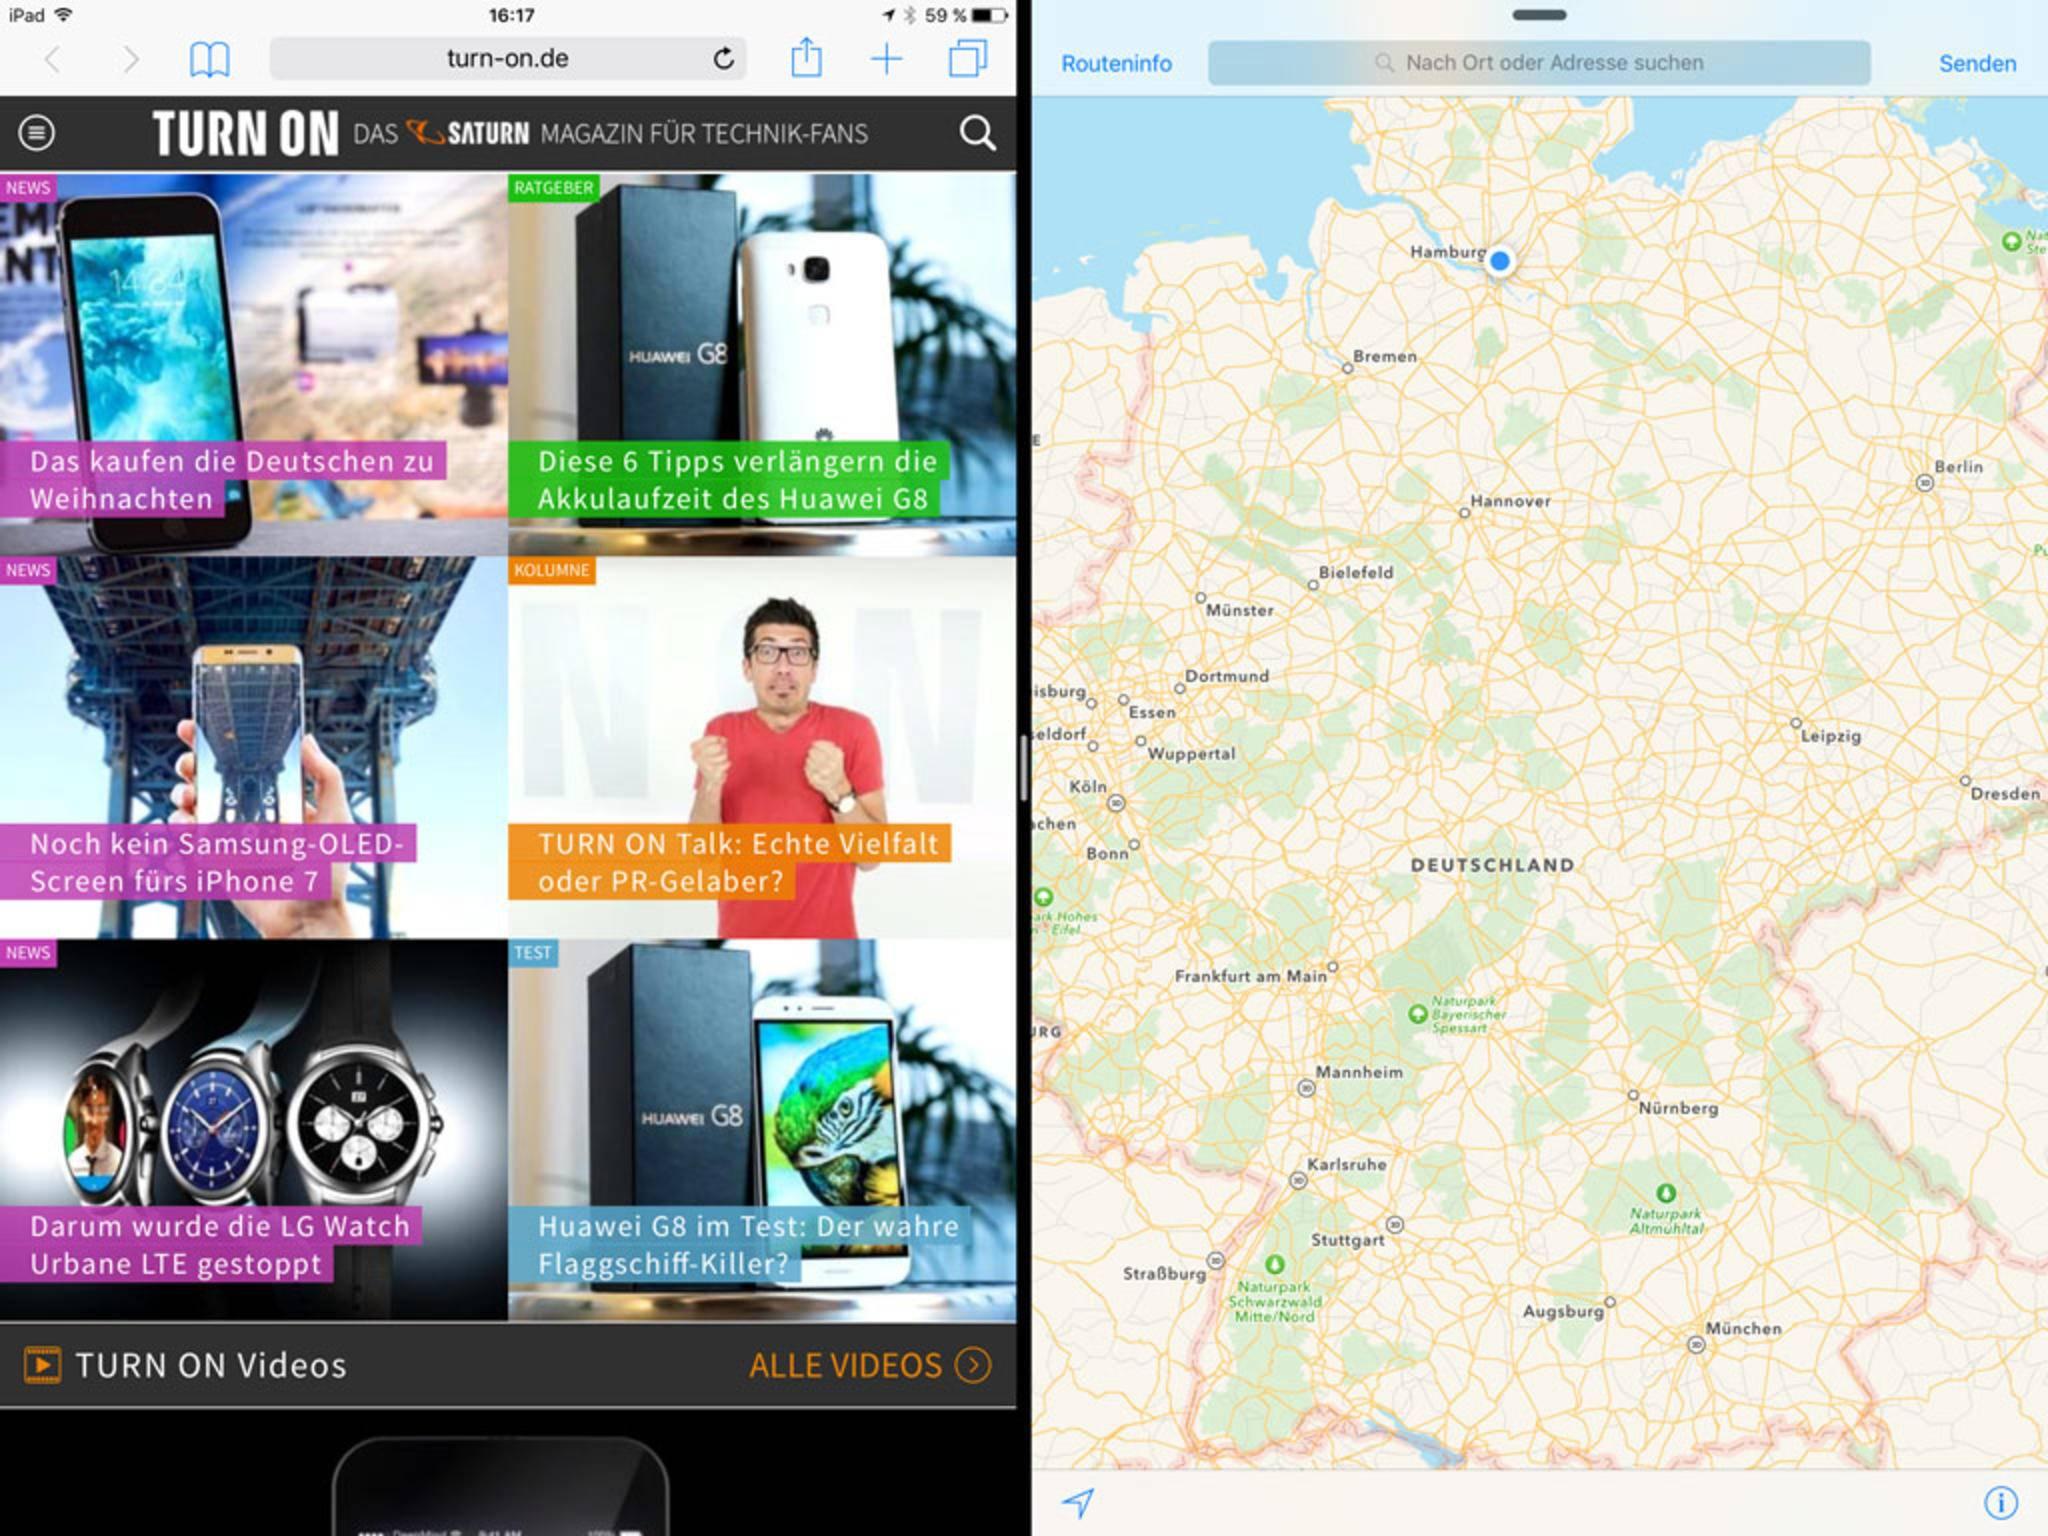 Der SplitView-Modus erlaubt die Darstellung von zwei Apps nebeneinander.